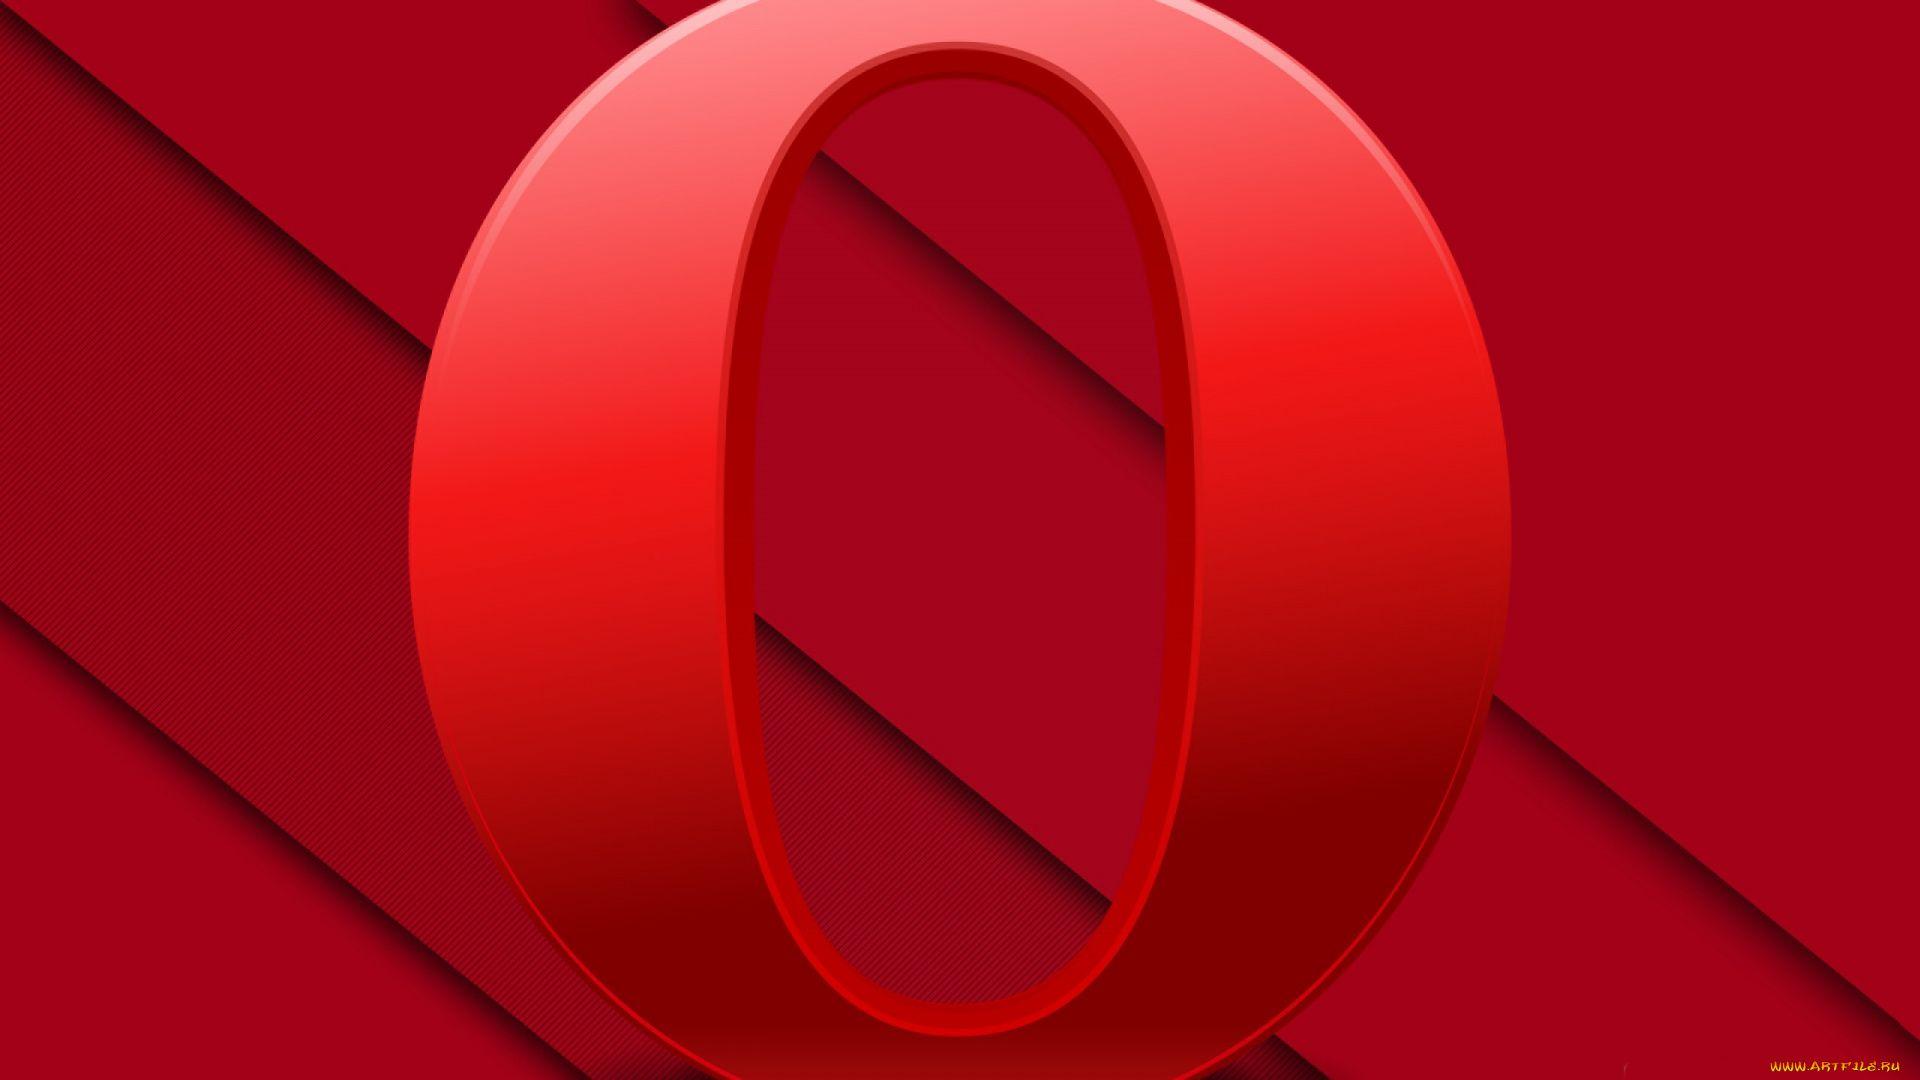 Opera hd desktop